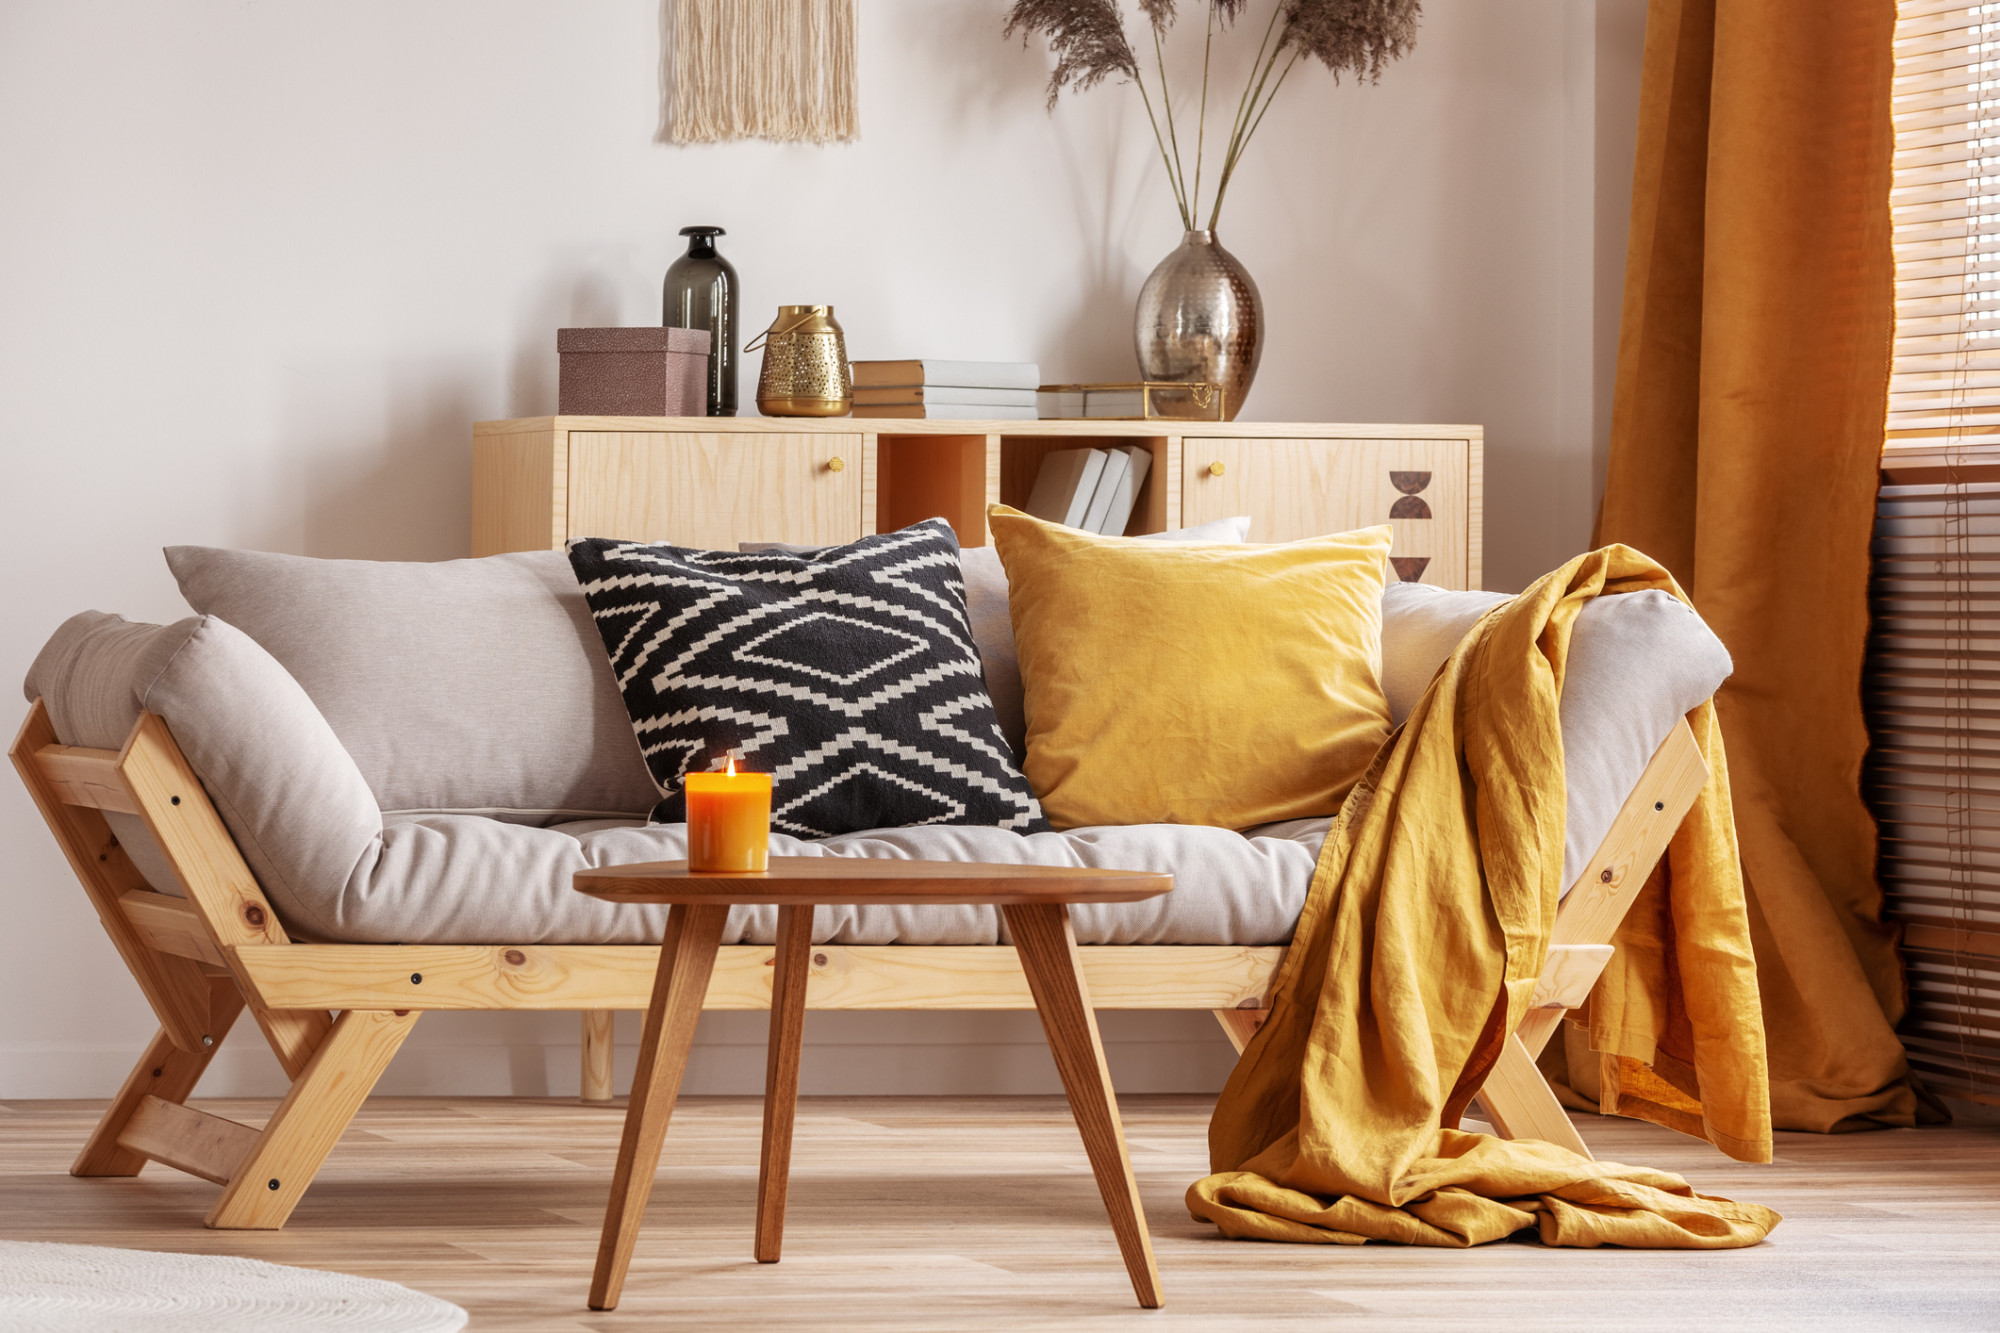 Svetlá pohovka so žltými textíliami a drevený nábytok